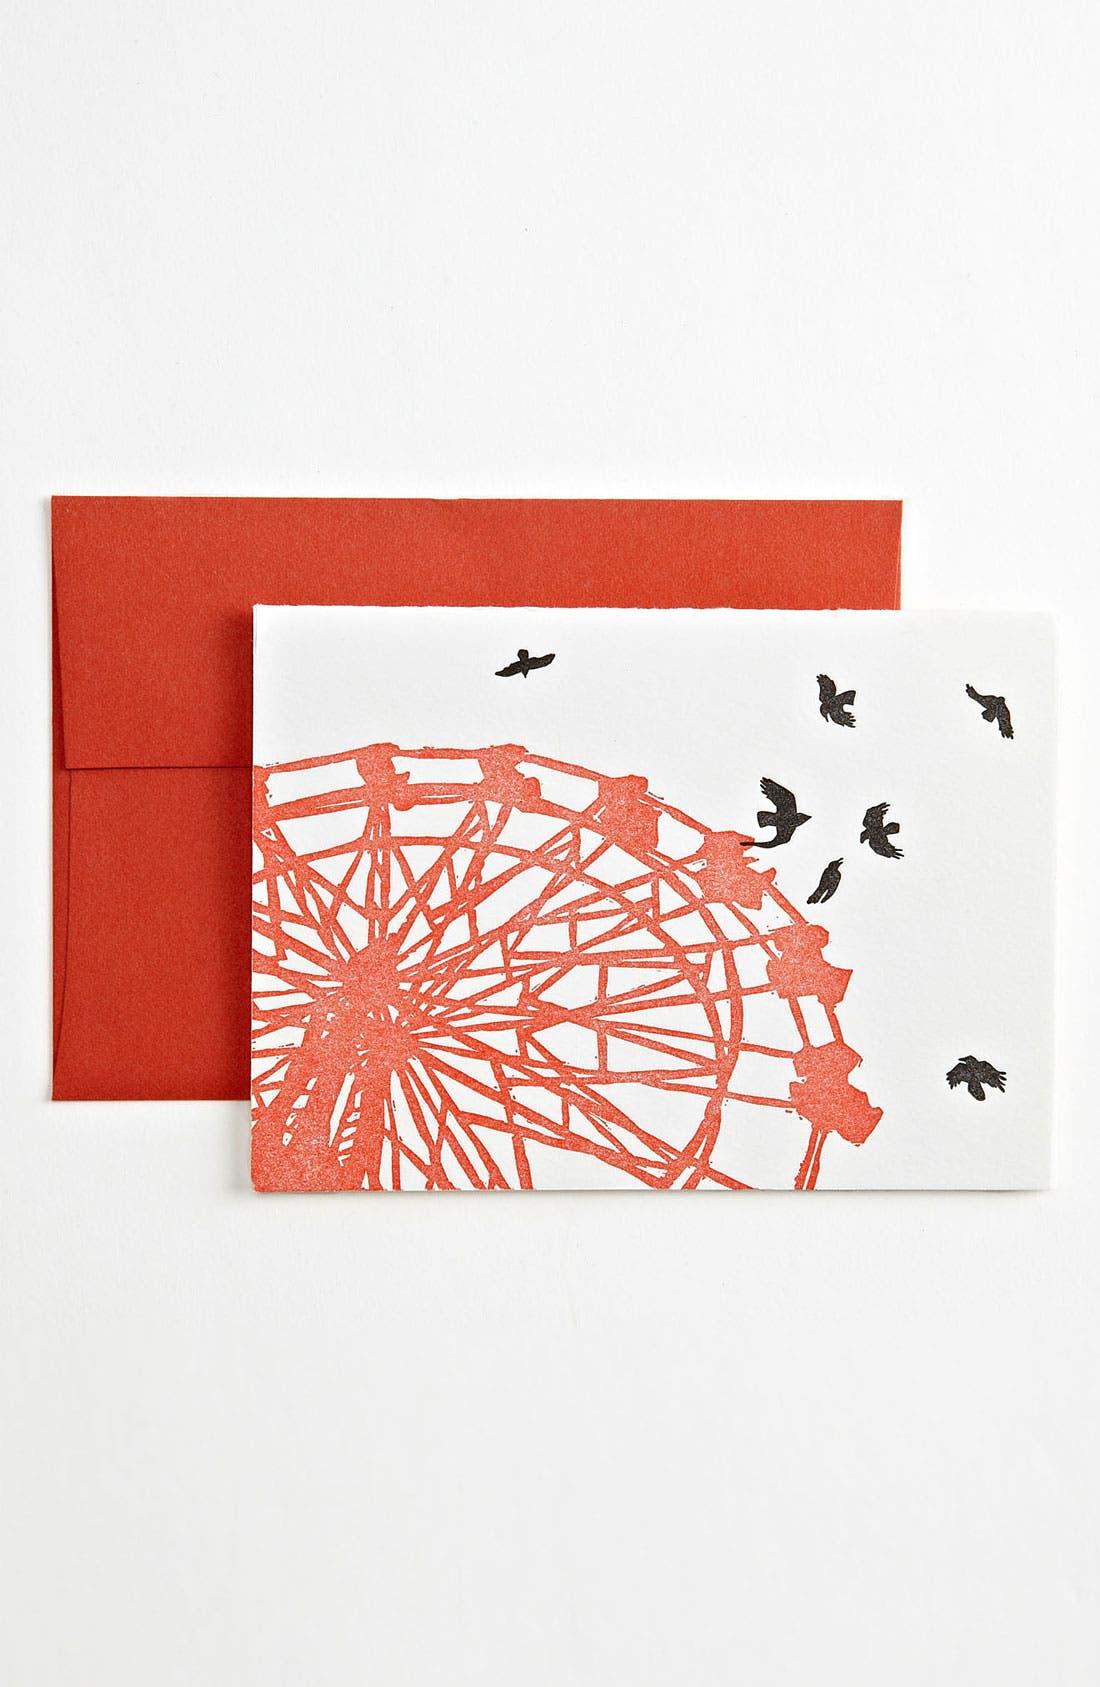 Alternate Image 1 Selected - Letterpress Note Cards (Set of 6)